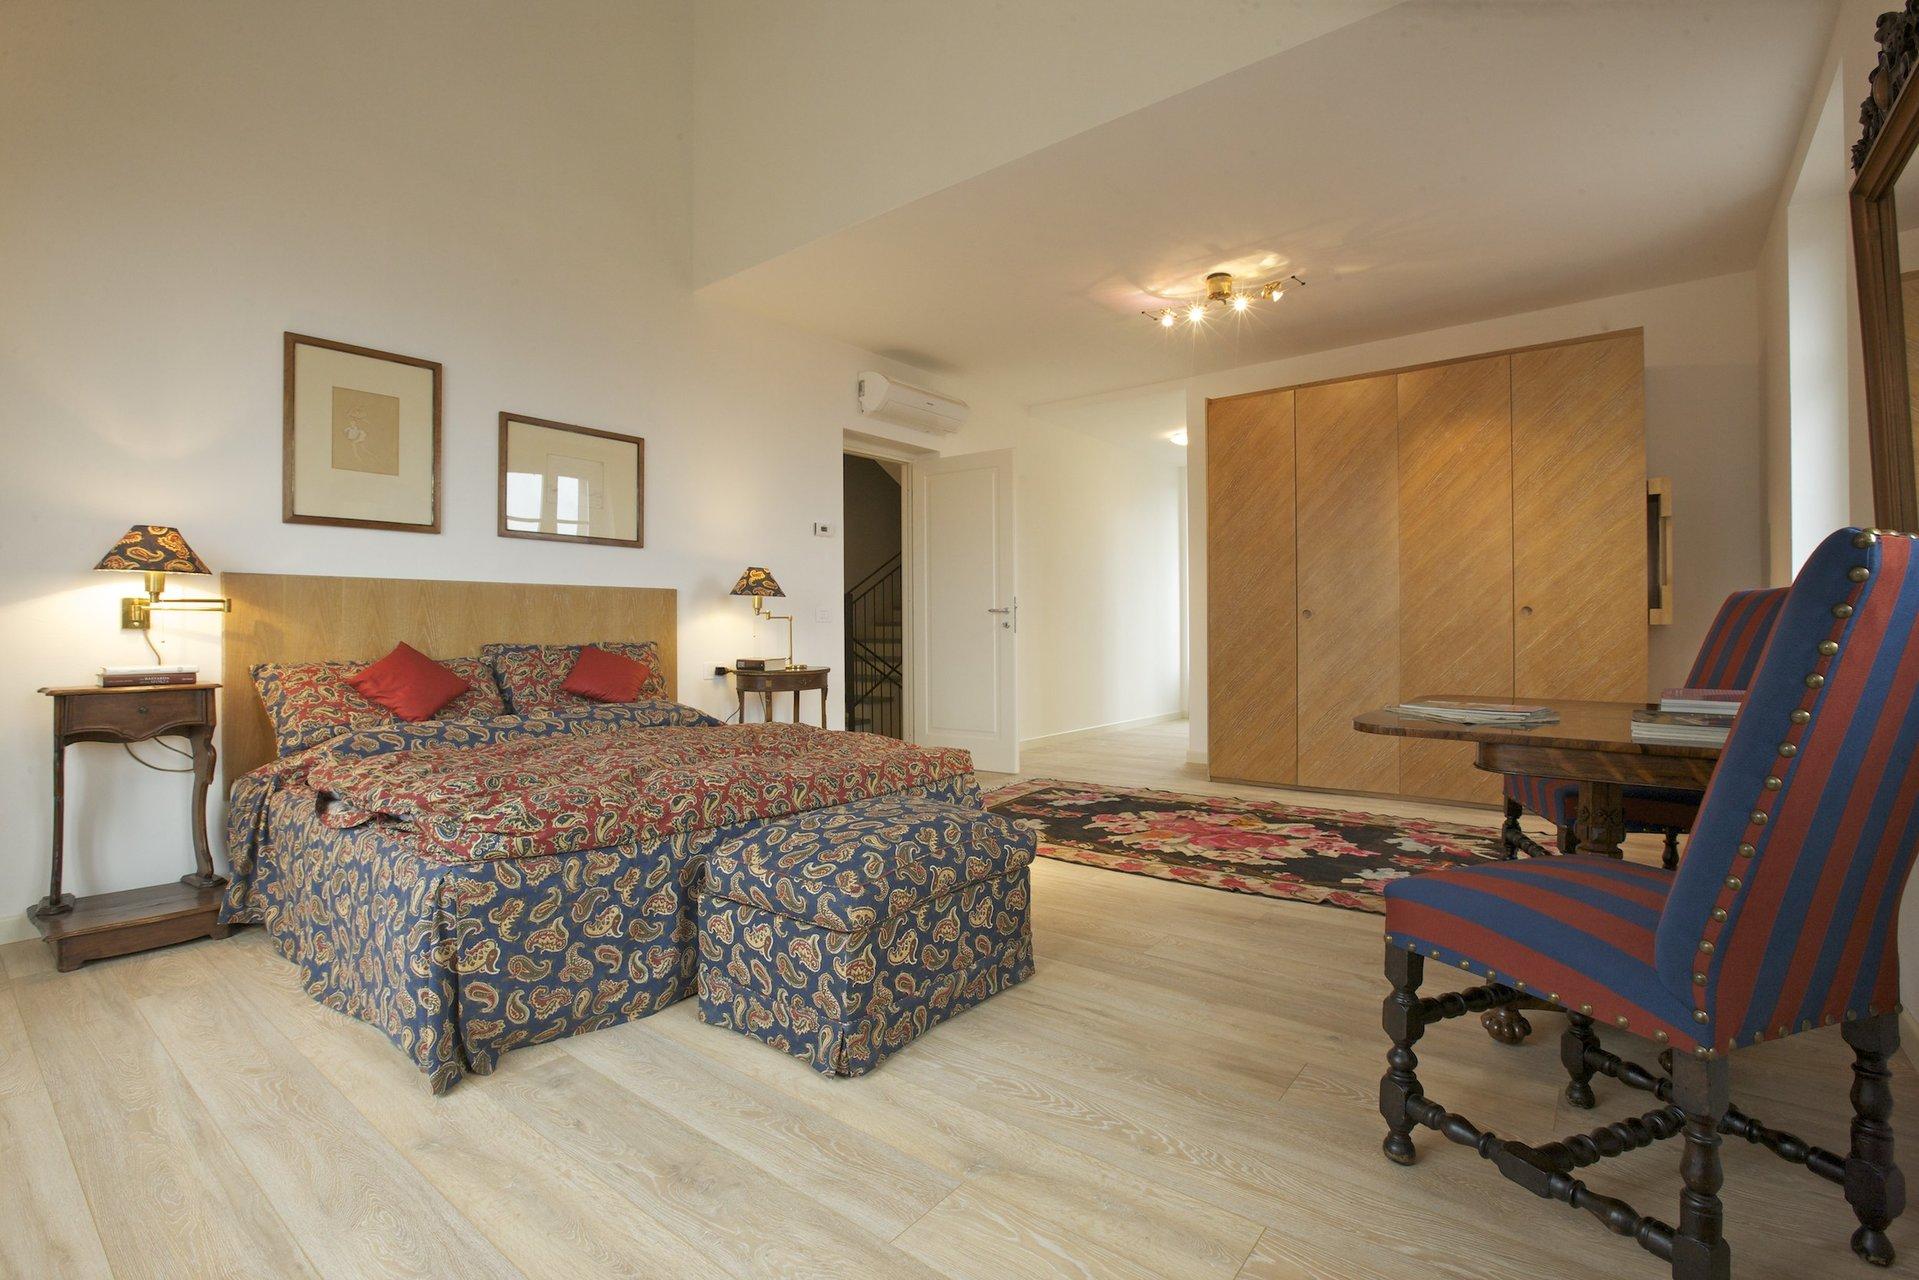 Luxury new villa for sale in Verbania